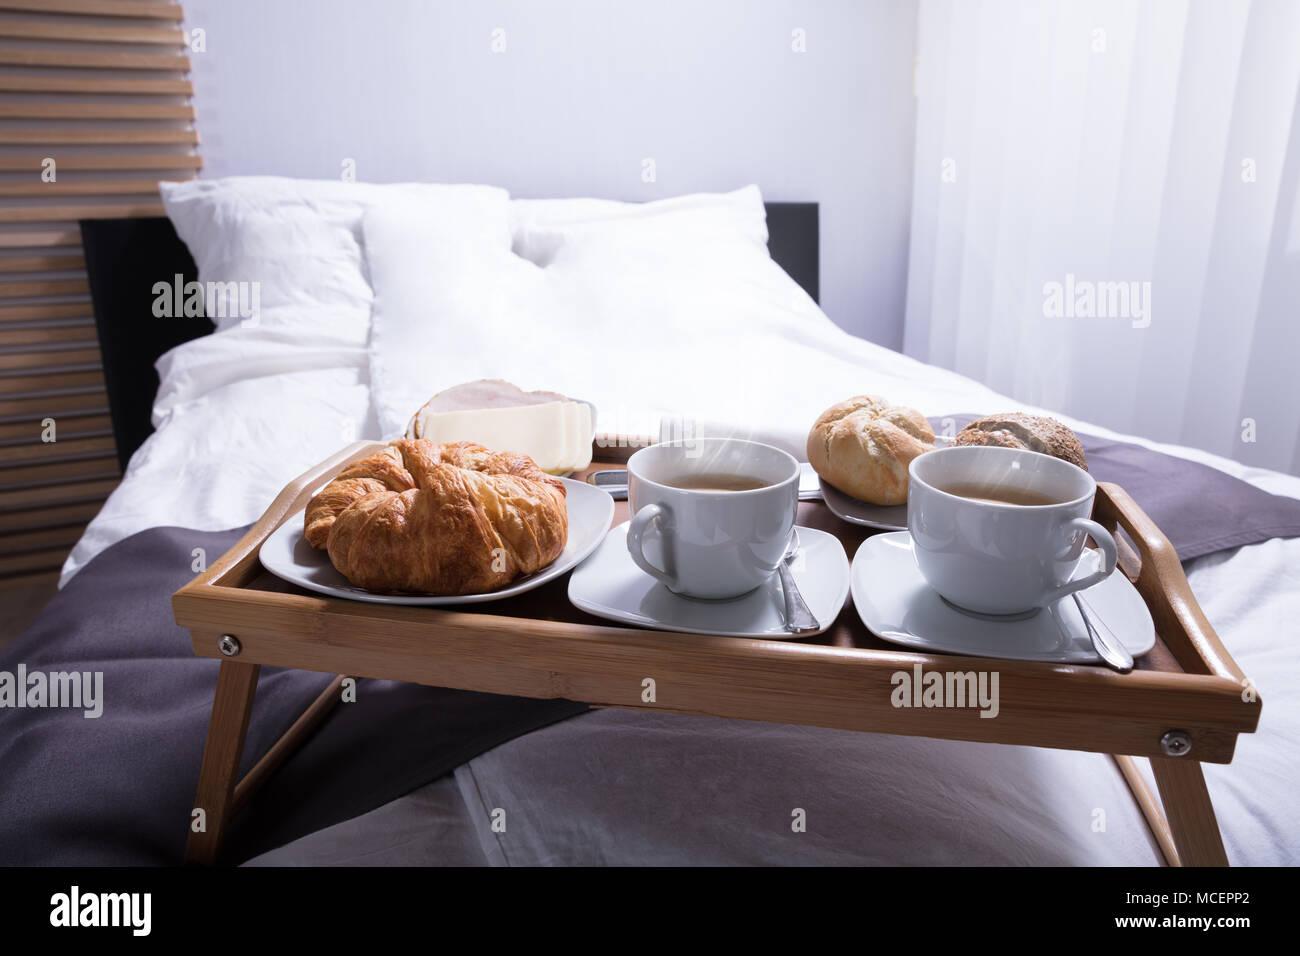 Frische Croissants und Kaffee zum Frühstück am Bett Stockbild